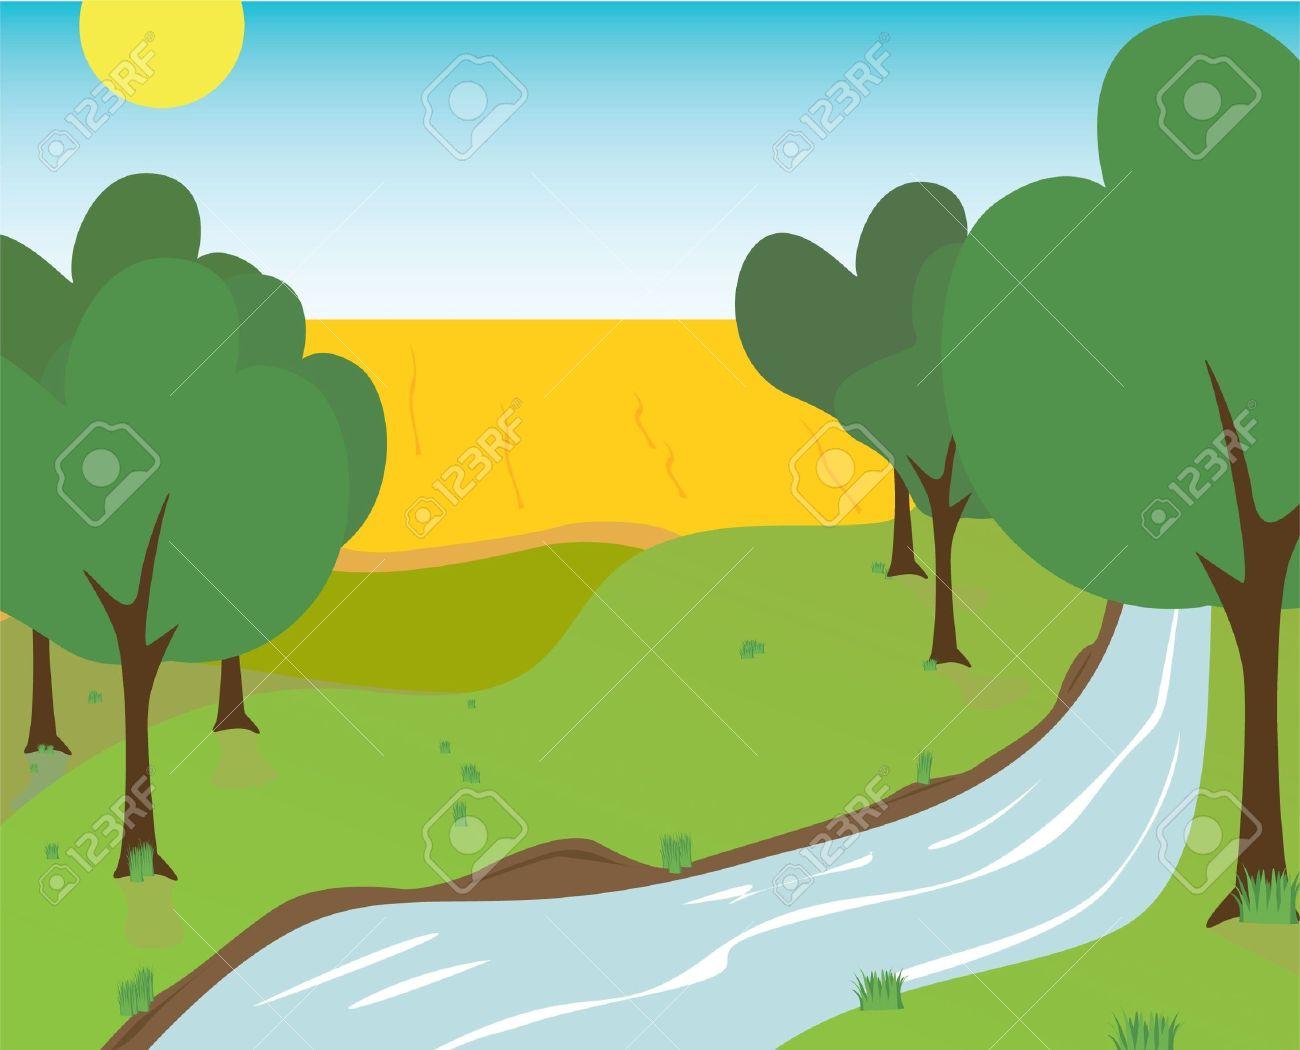 Bridge clipart creek. River stream clipground clip